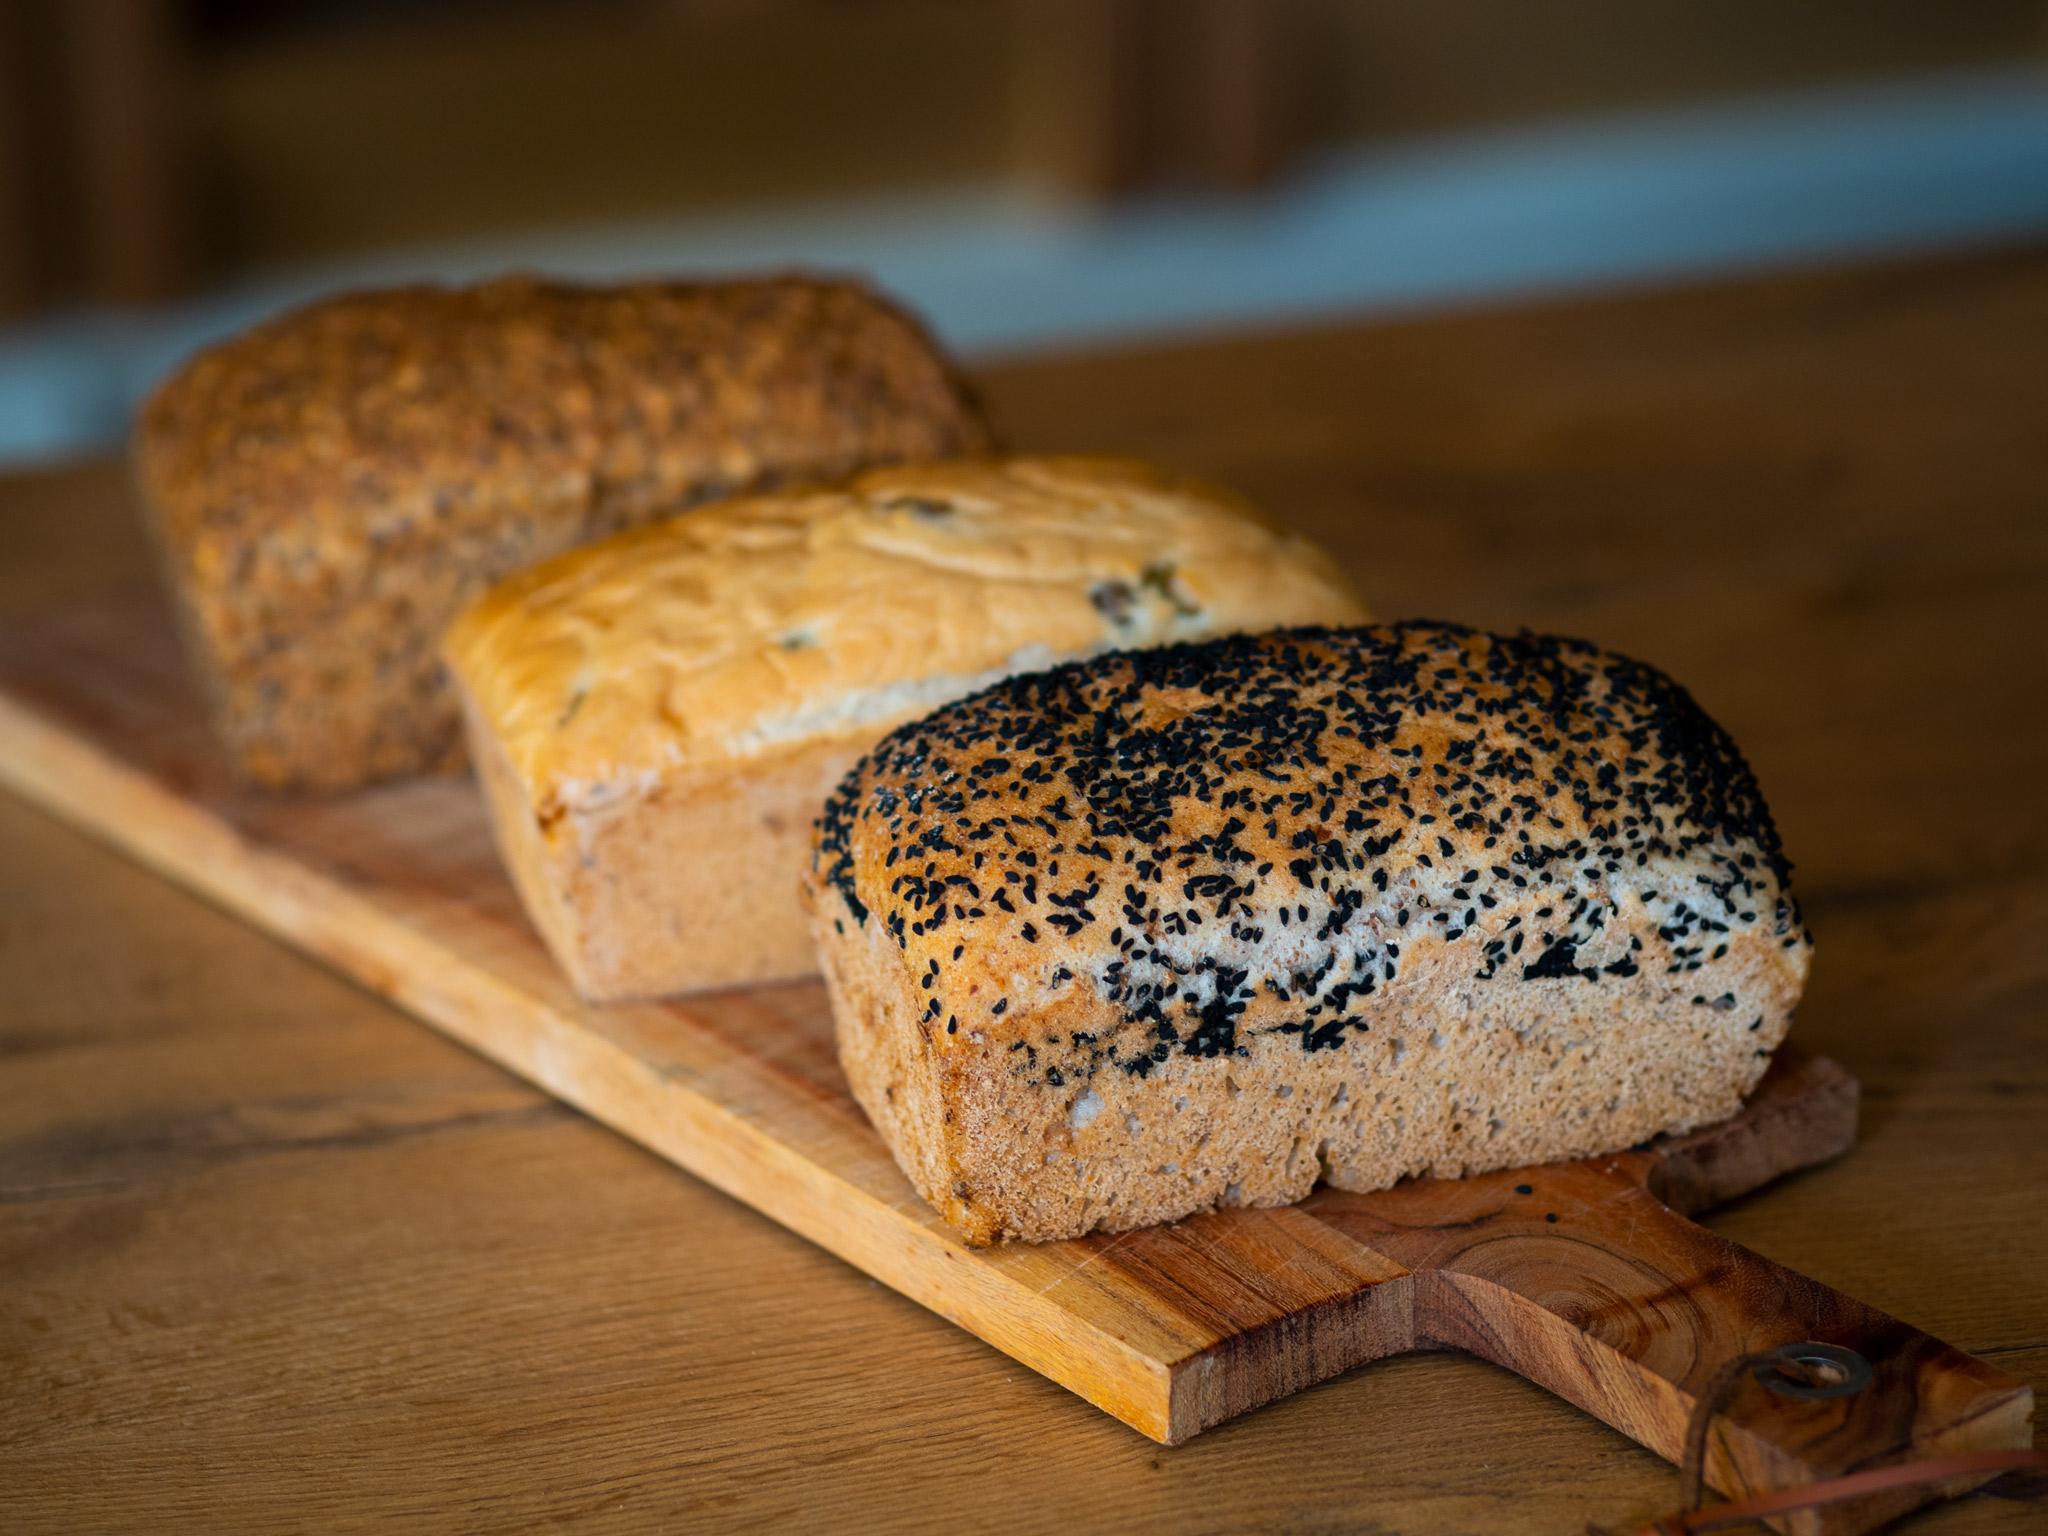 Na zdjęciu widac trzy bochenki chleba ułożone na drewnianej desce.